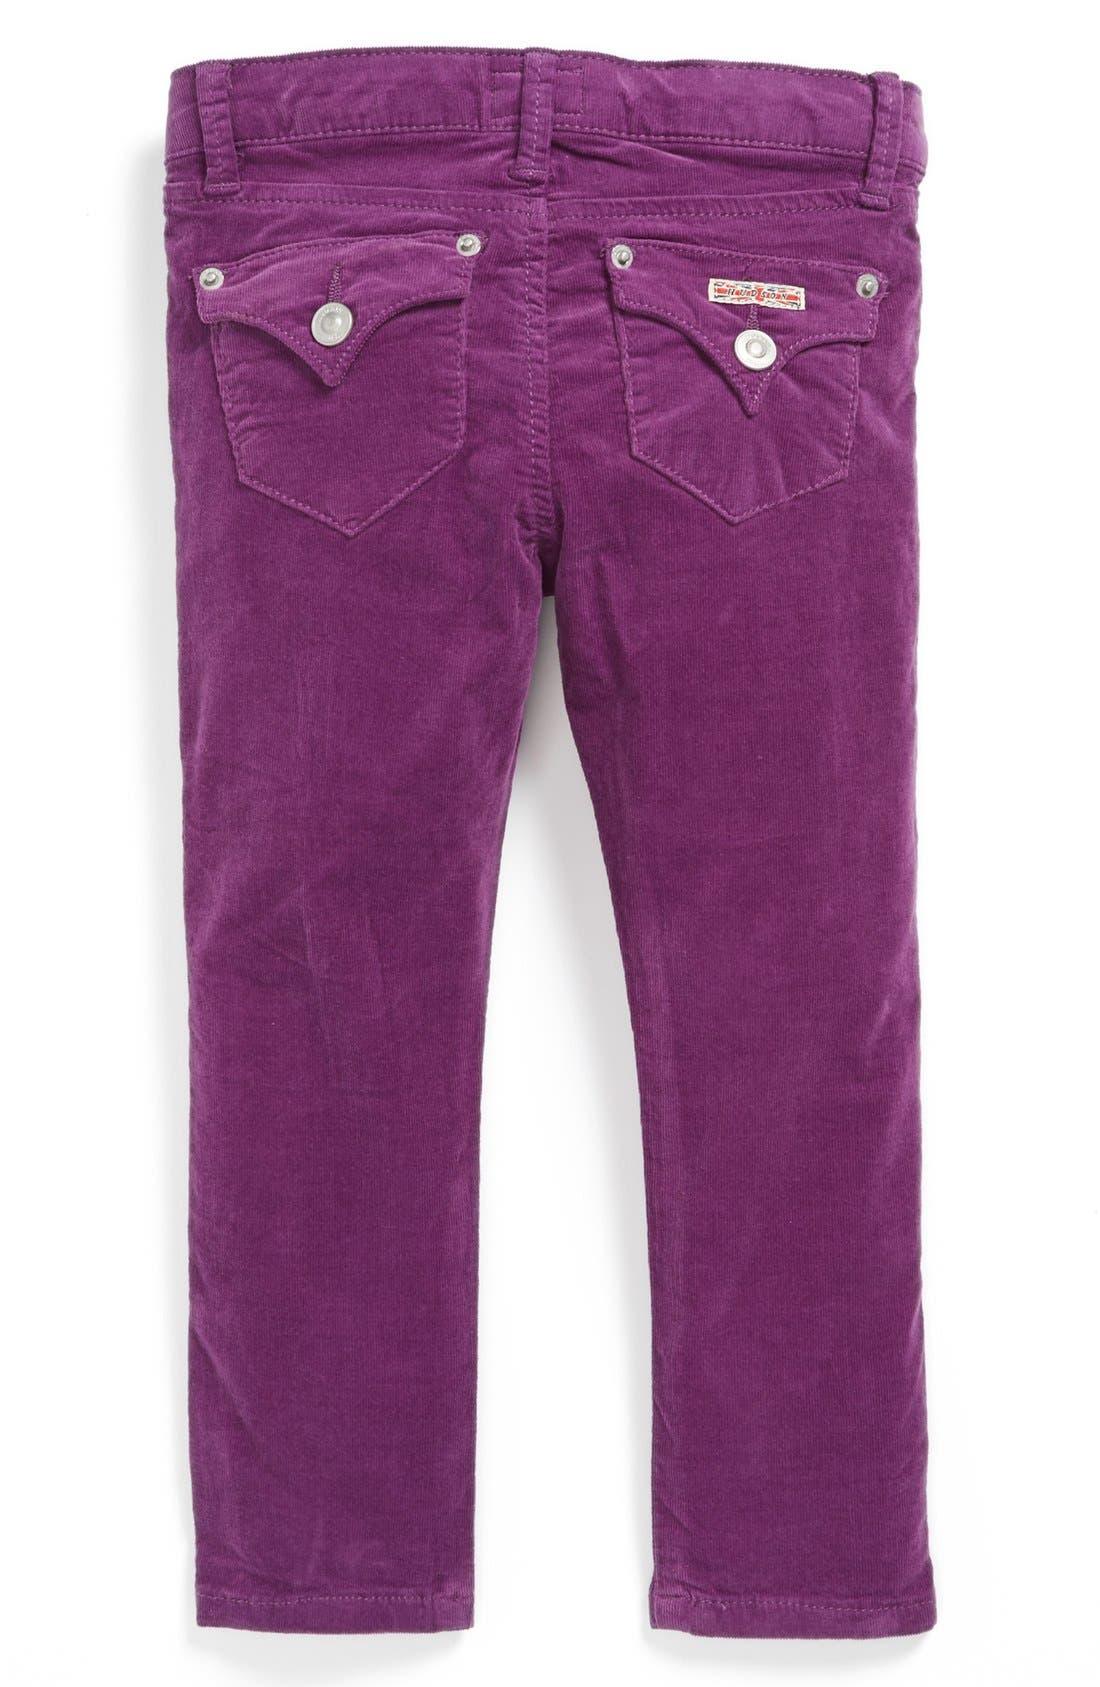 Main Image - Hudson Kids Corduroy Skinny Jeans (Toddler Girls)